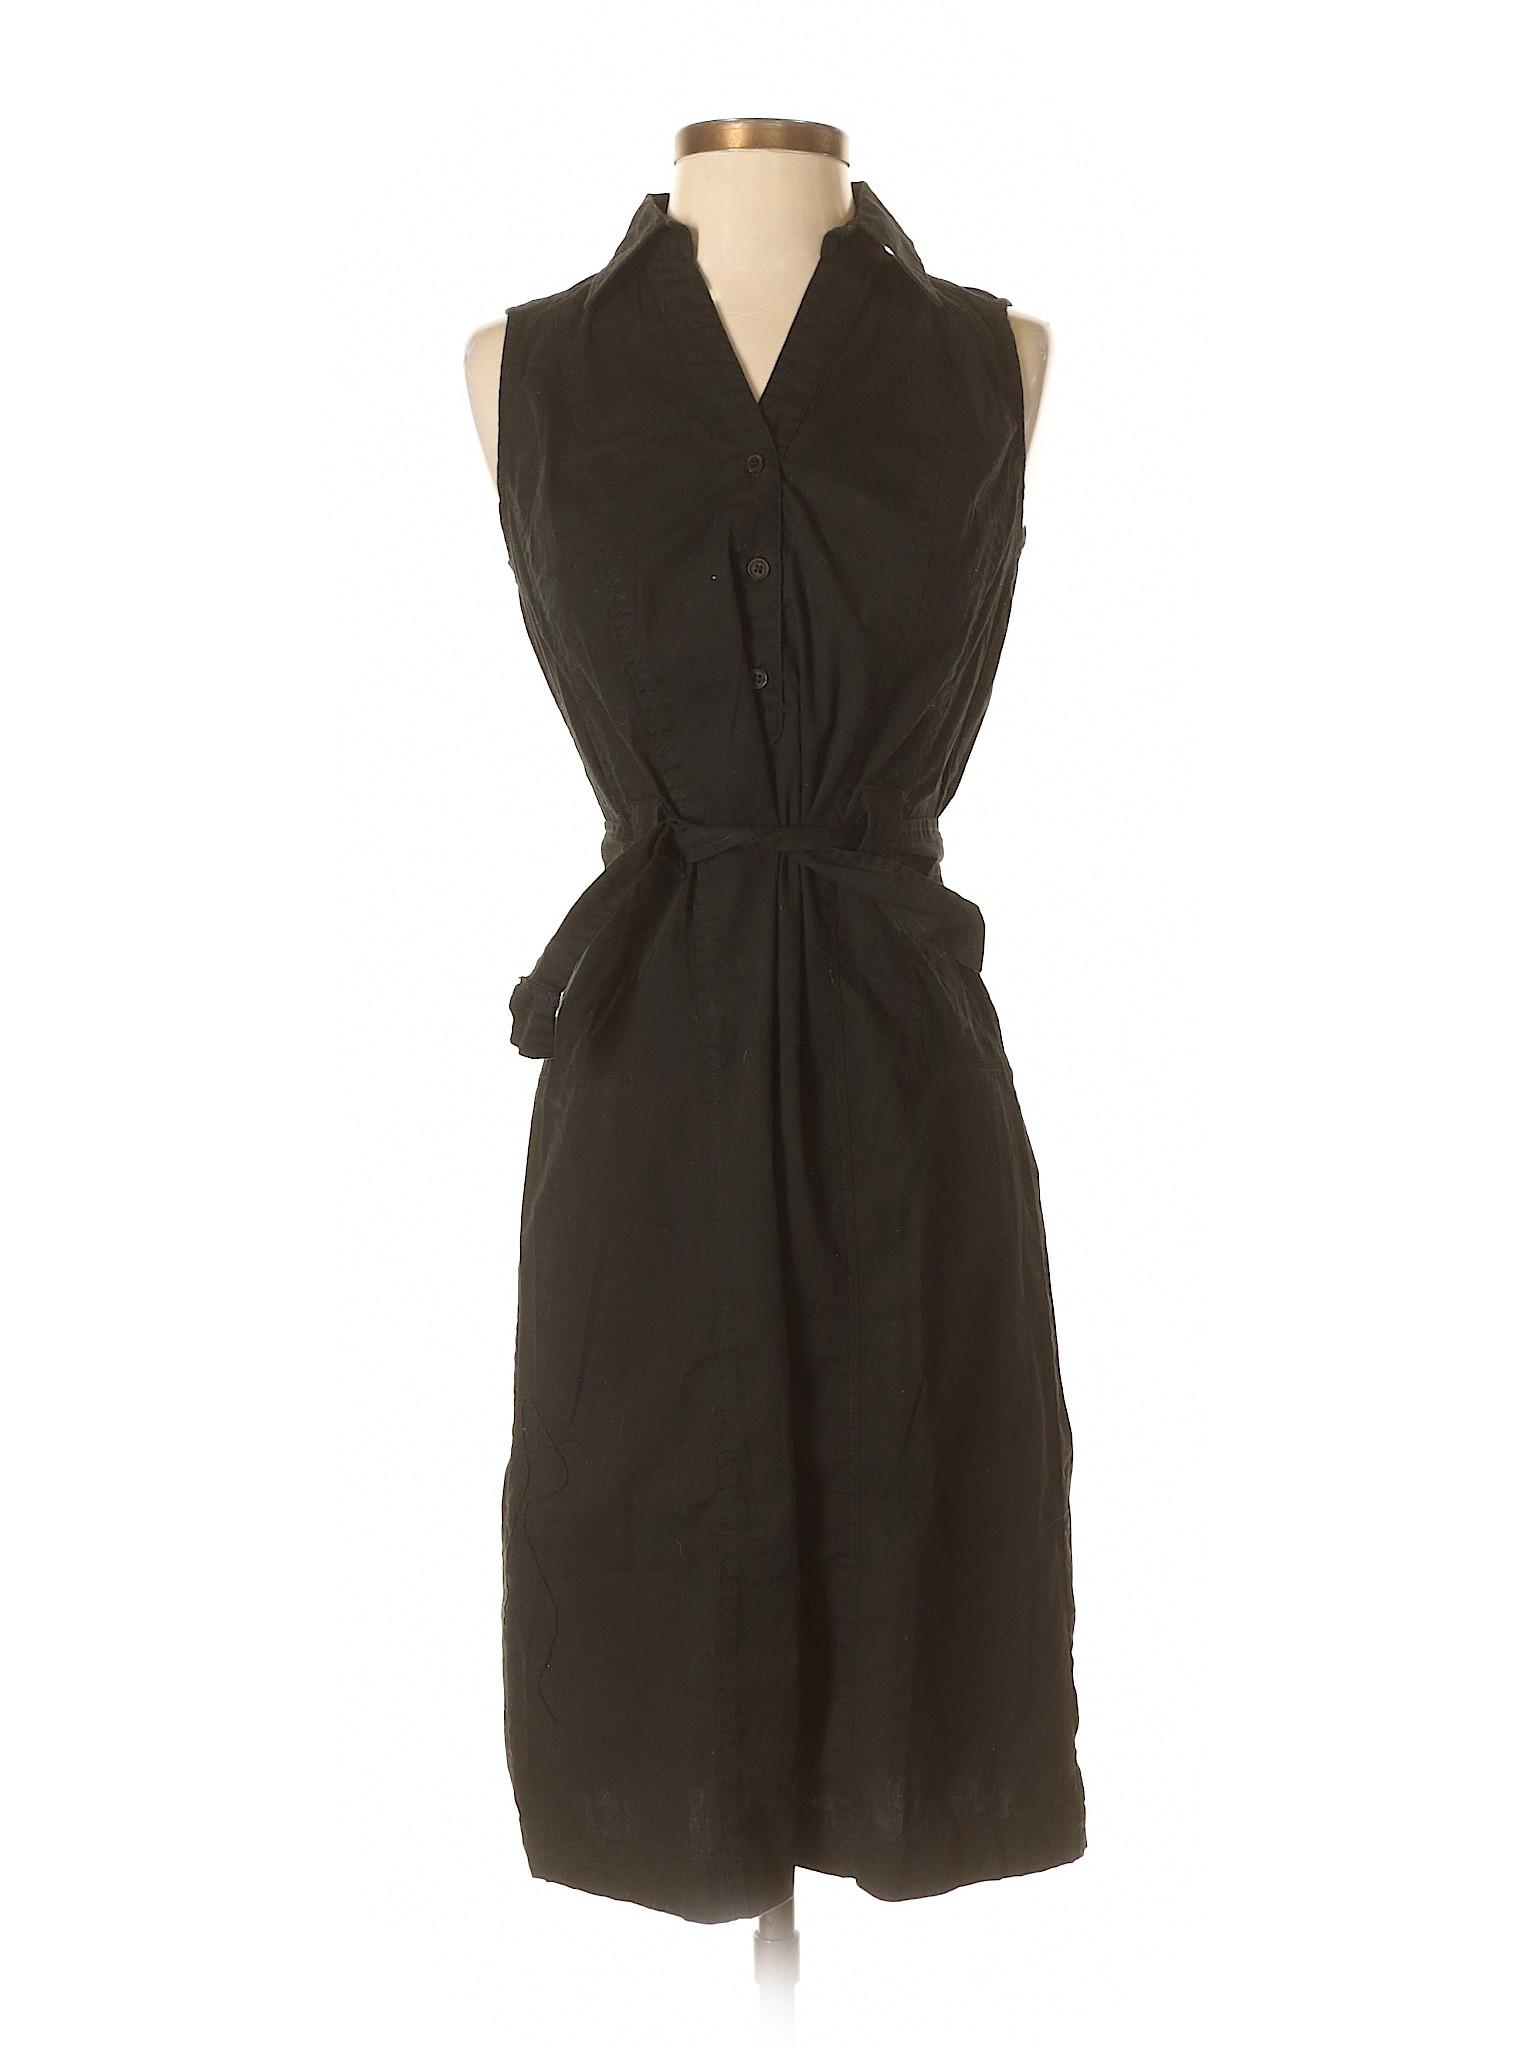 Dress Selling Casual Dress Merona Merona Selling Selling Casual Merona Casual Swq7IxZS